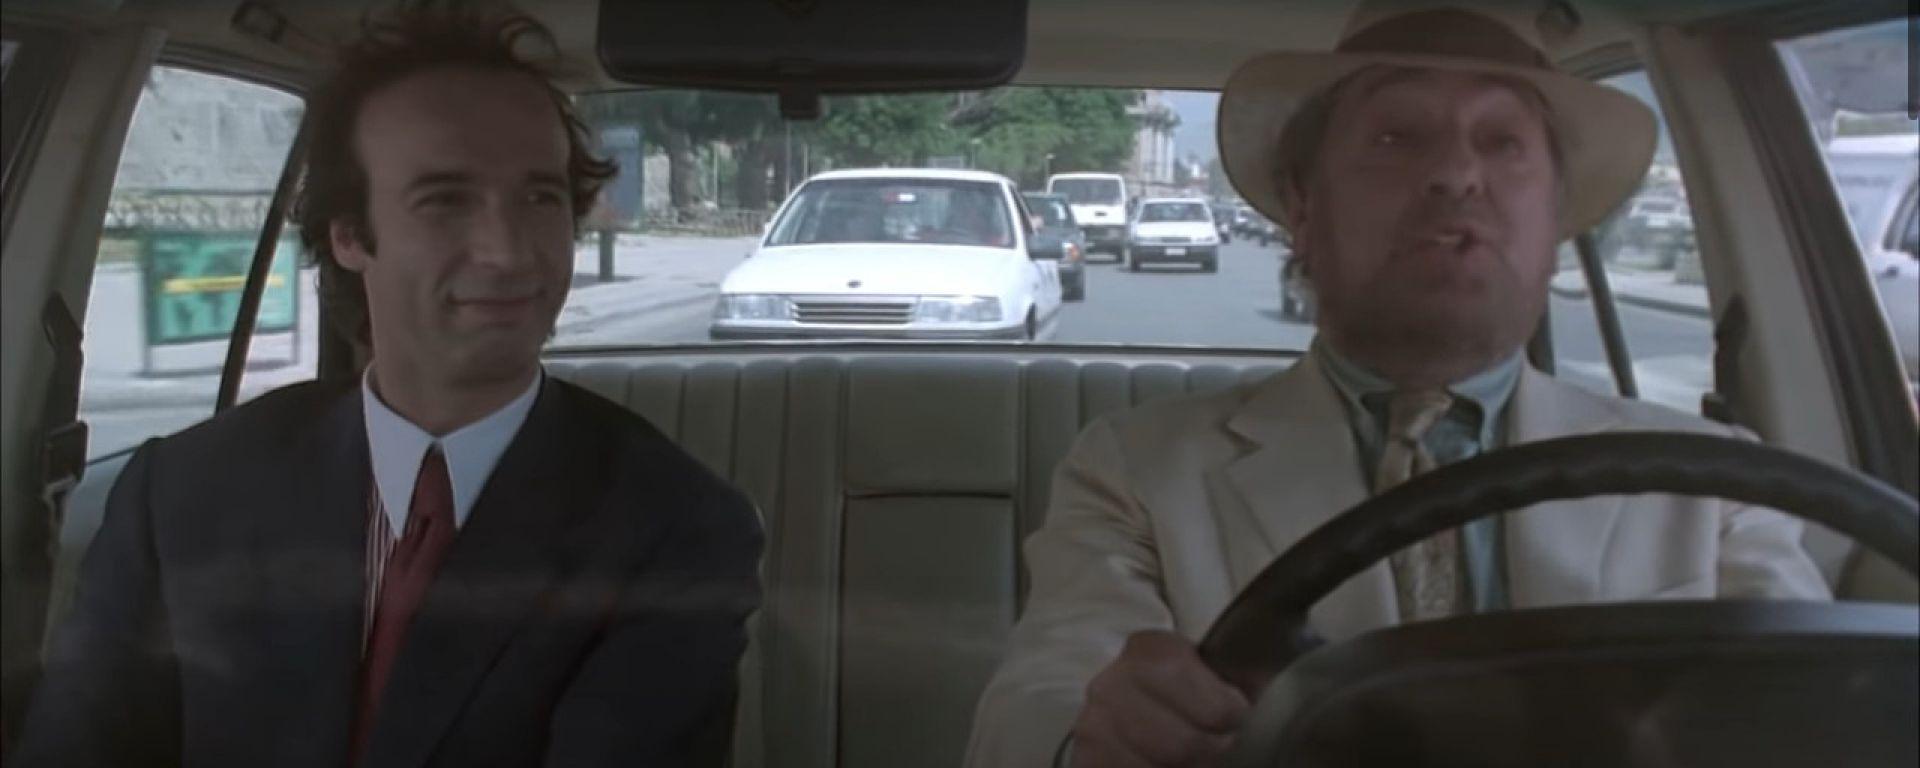 Il cellulare: no, non è il traffico la piaga dei nostri tempi, ma l'uso dello smartphone alla guida